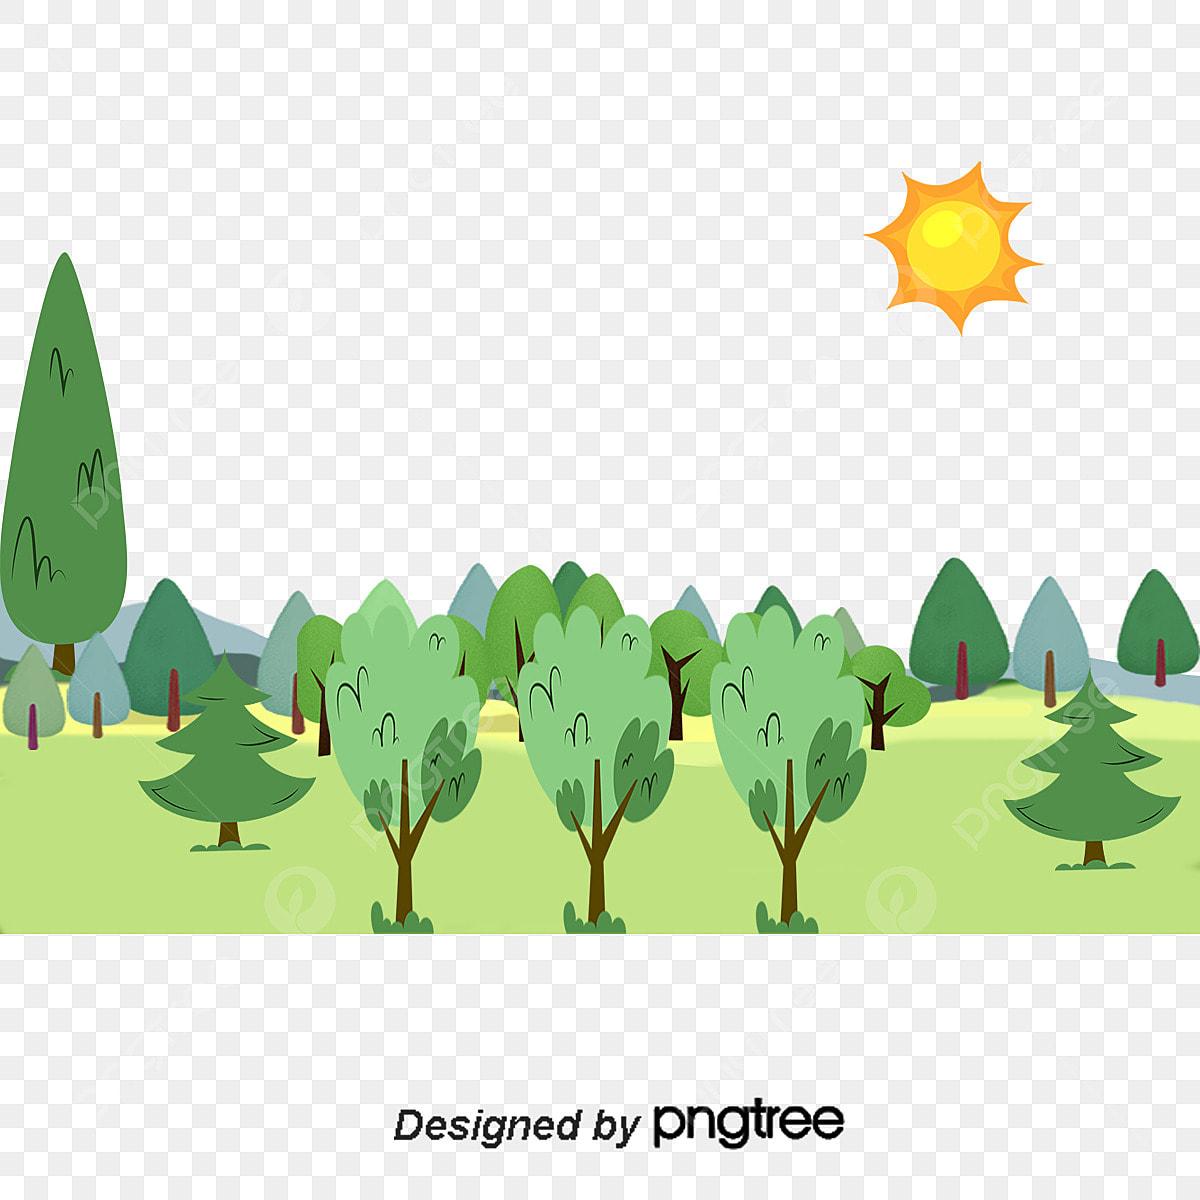 漫画イラスト森林ベクトル素材 森 イラスト 漫画画像素材の無料